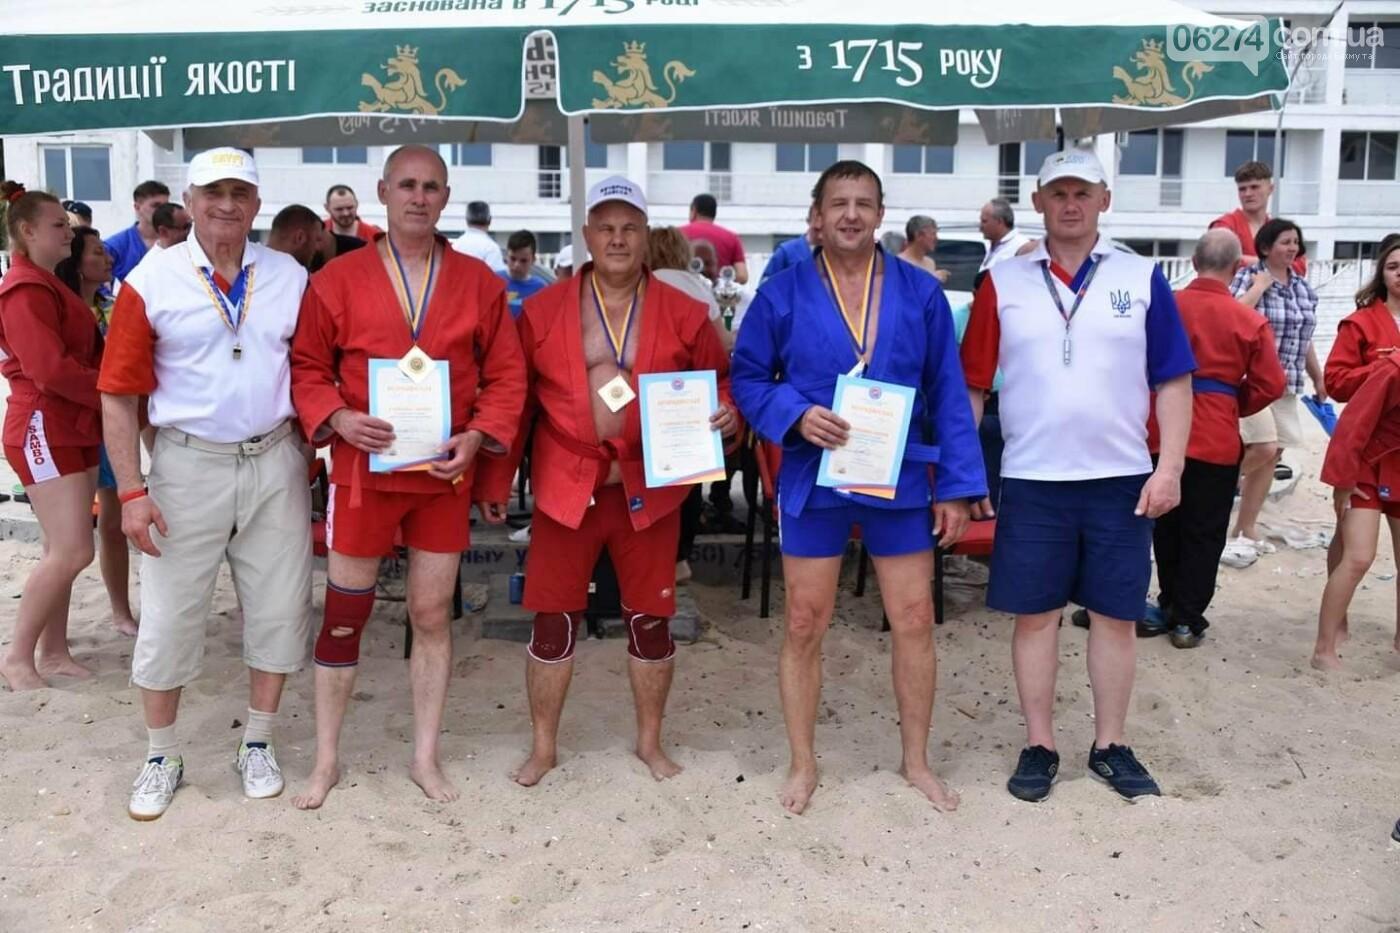 Бахмутчане успешно выступили на Чемпионате Украины по пляжному самбо, фото-4